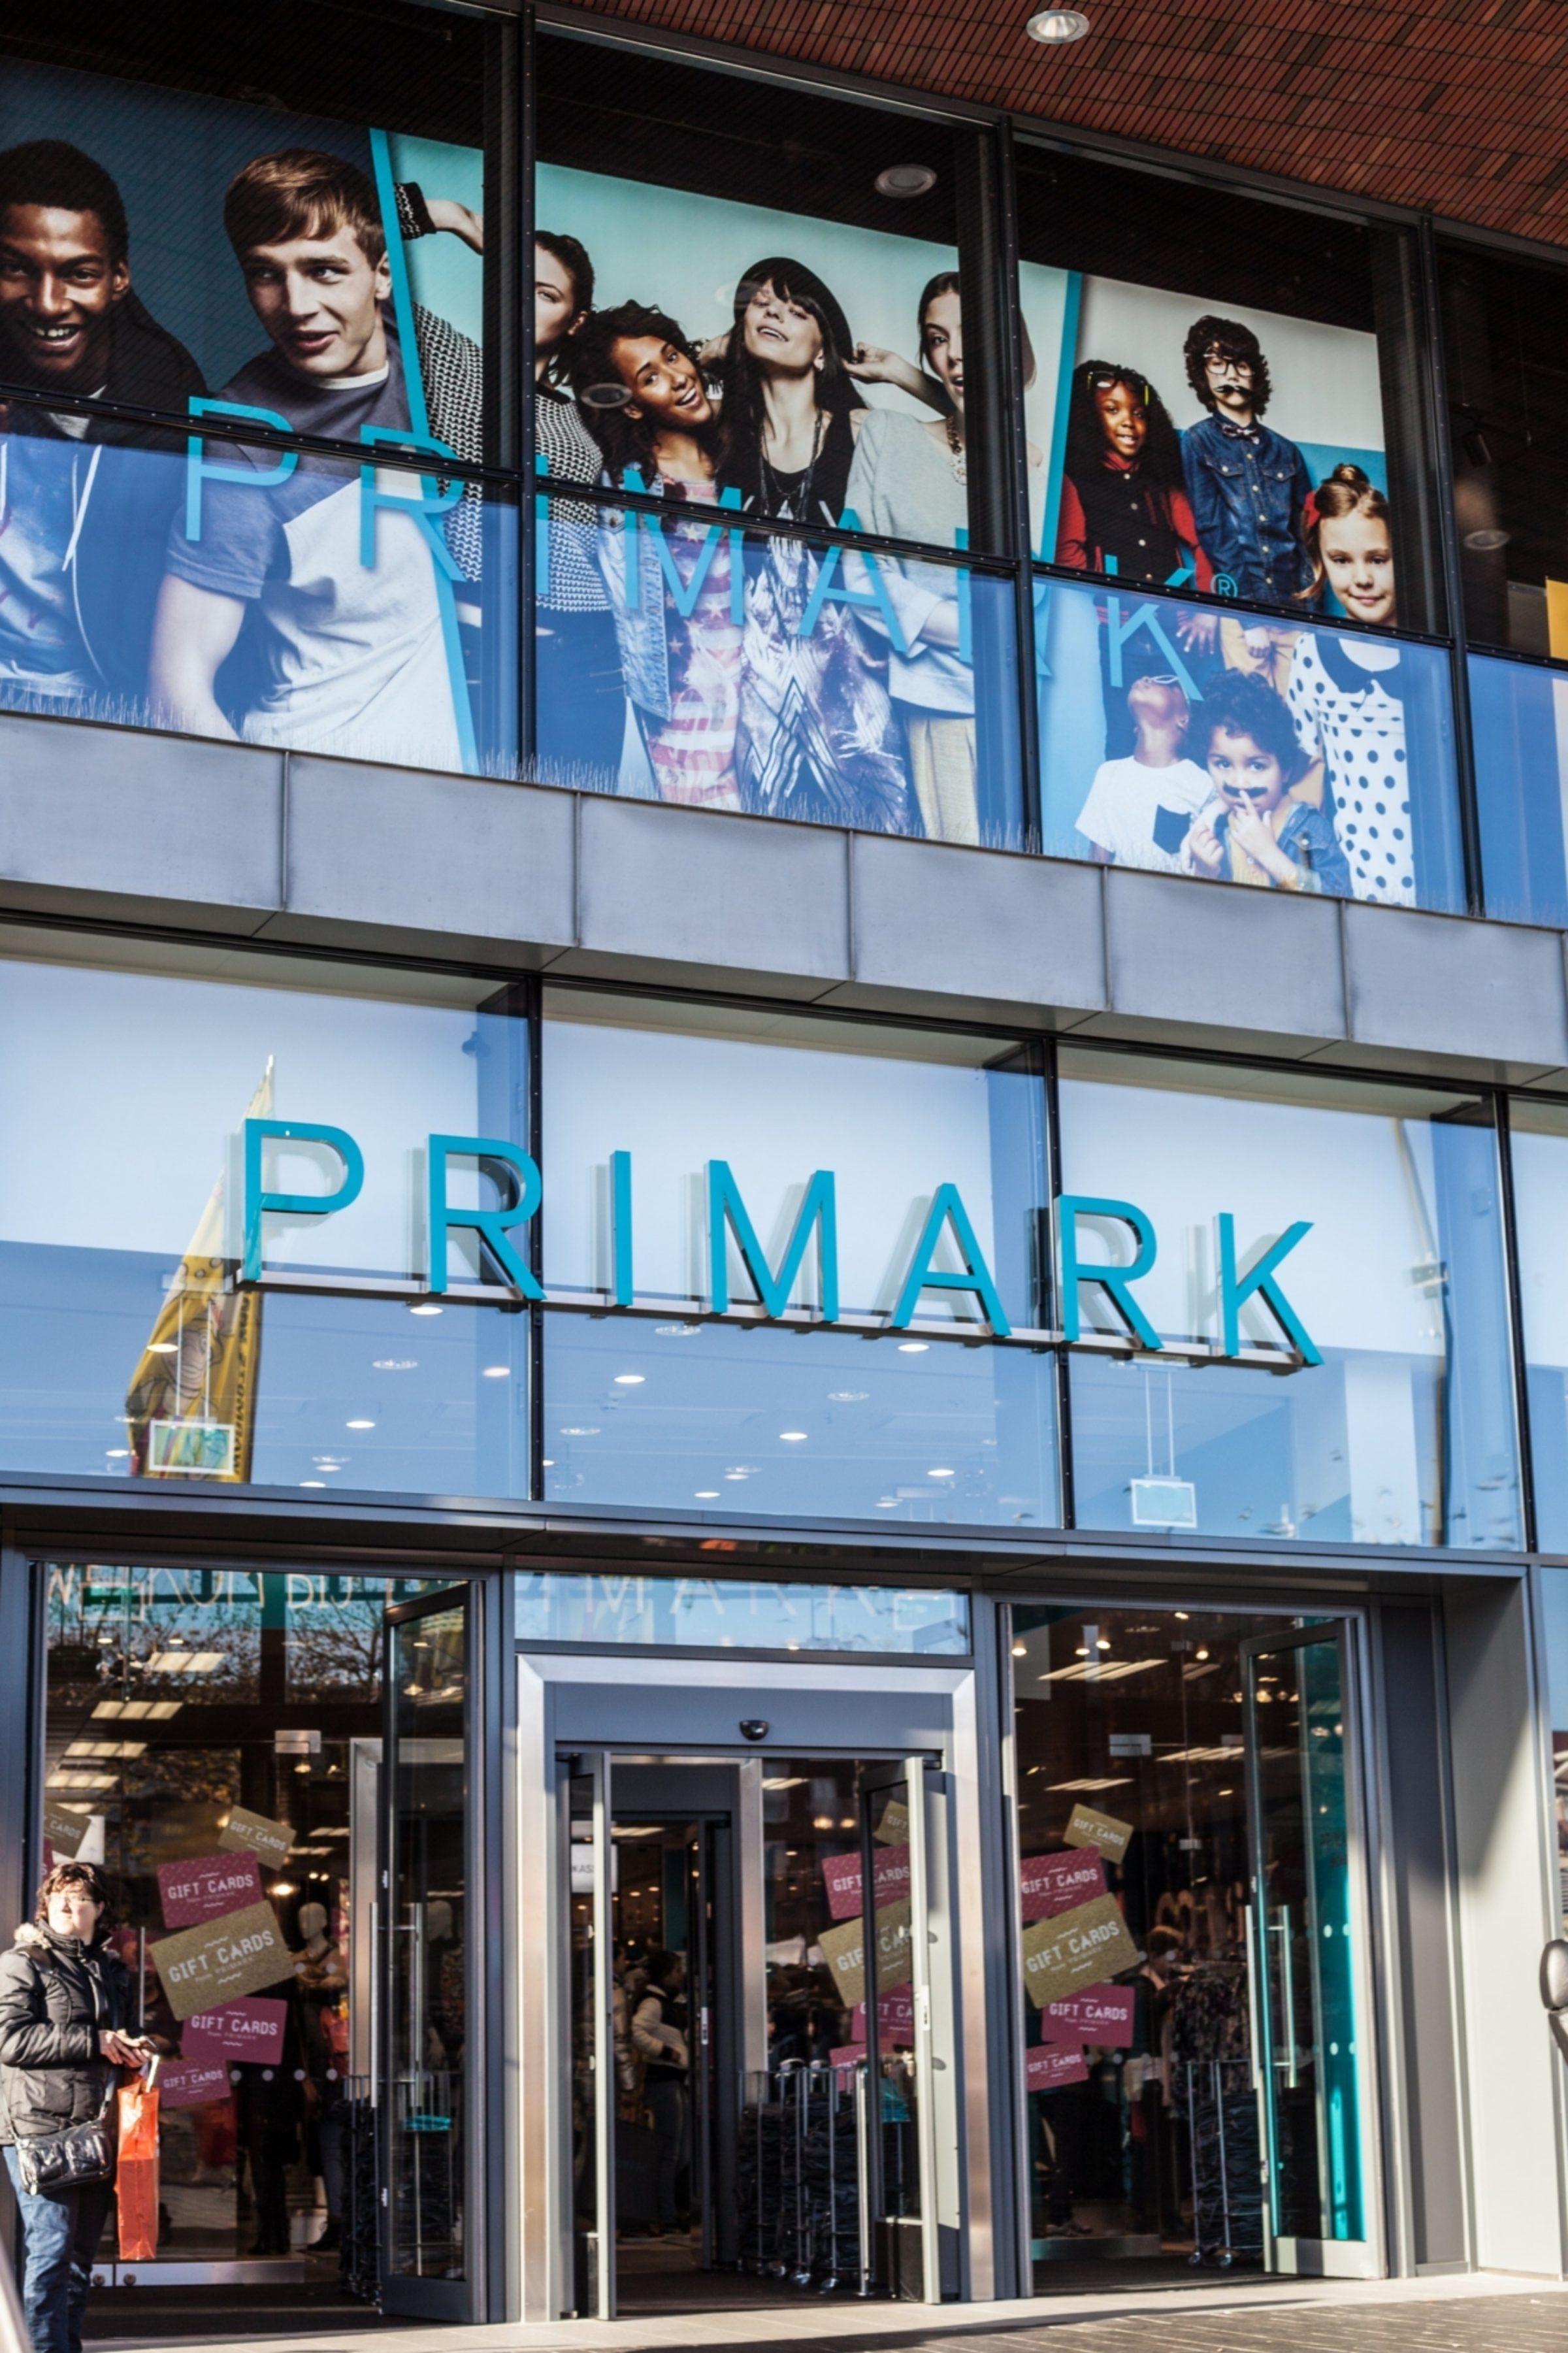 Primark 5